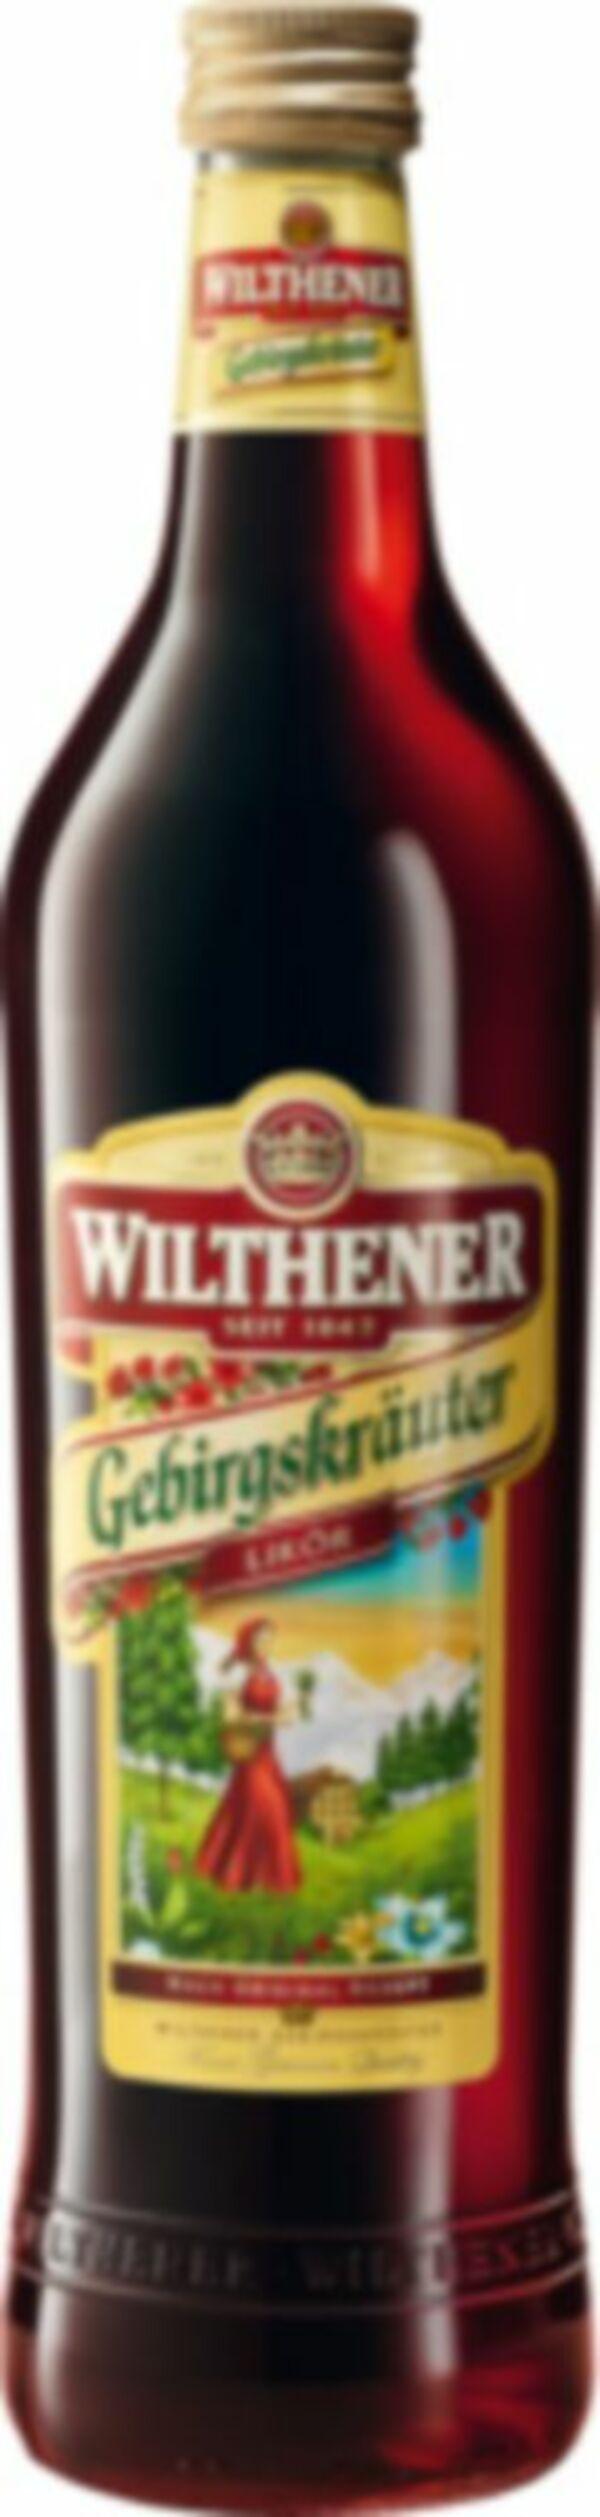 Wilthener Gebirgskräuter 0,7 Liter